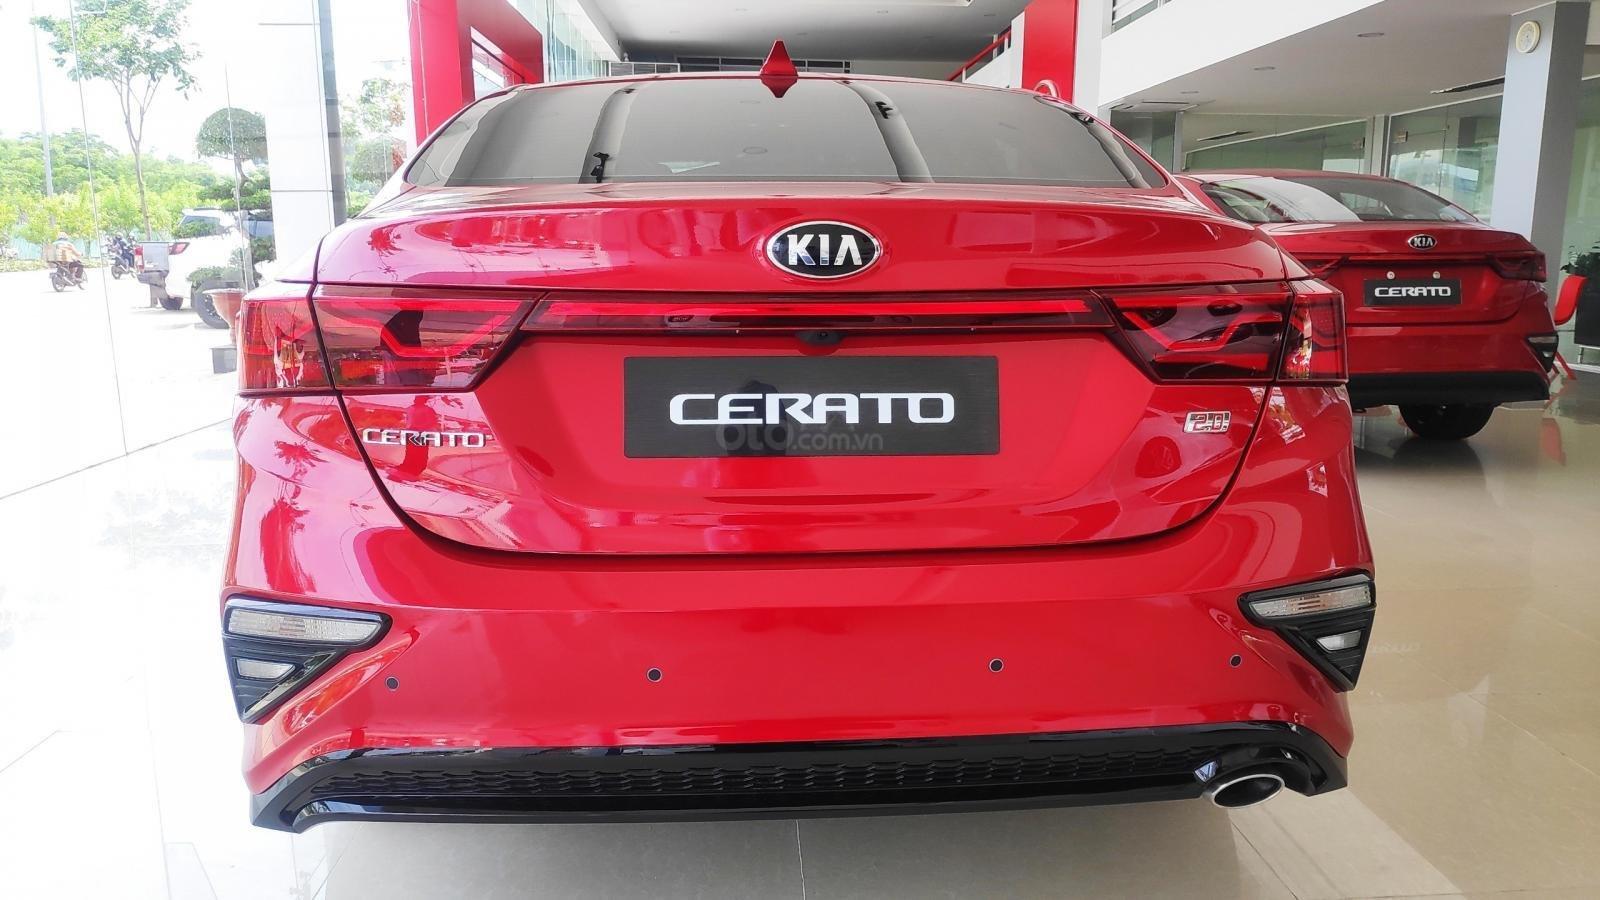 Kia Cerato Premium đặc biệt - giảm giá tiền mặt + tặng bảo hiểm xe + phụ kiện - liên hệ PKD Kia Thảo Điền 0961.563.593 (6)